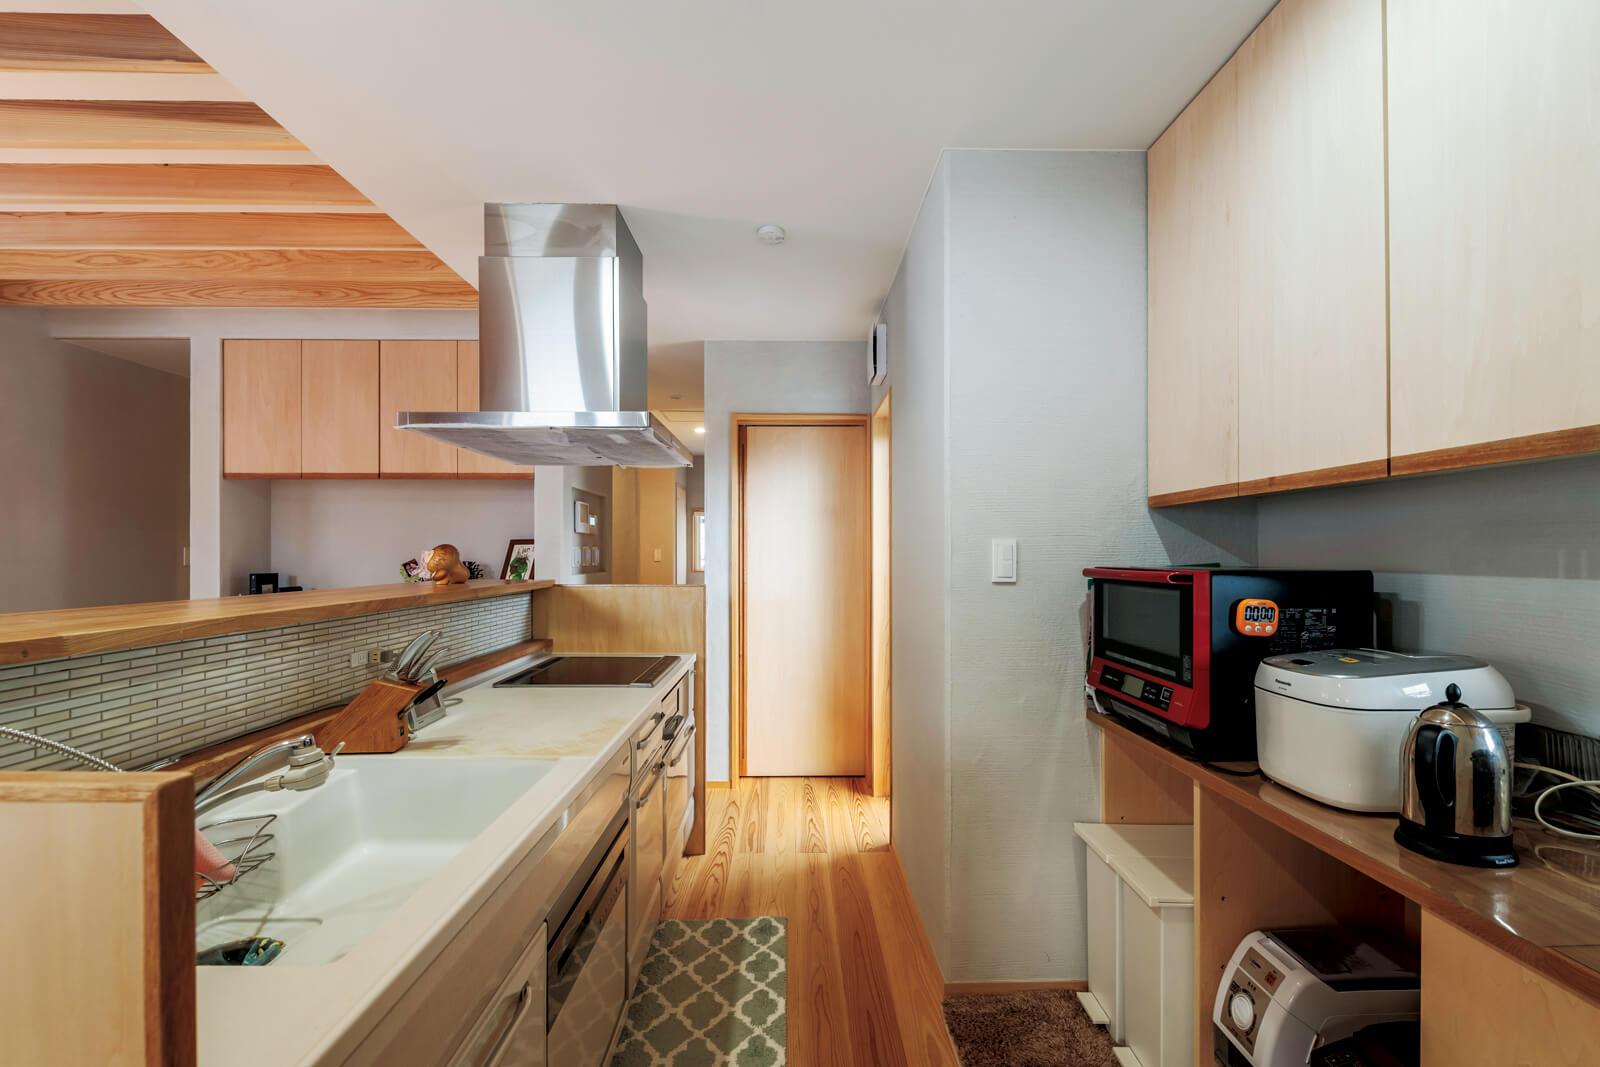 キッチン背面の収納はそれぞれの家電の置き場所を決めて設置した